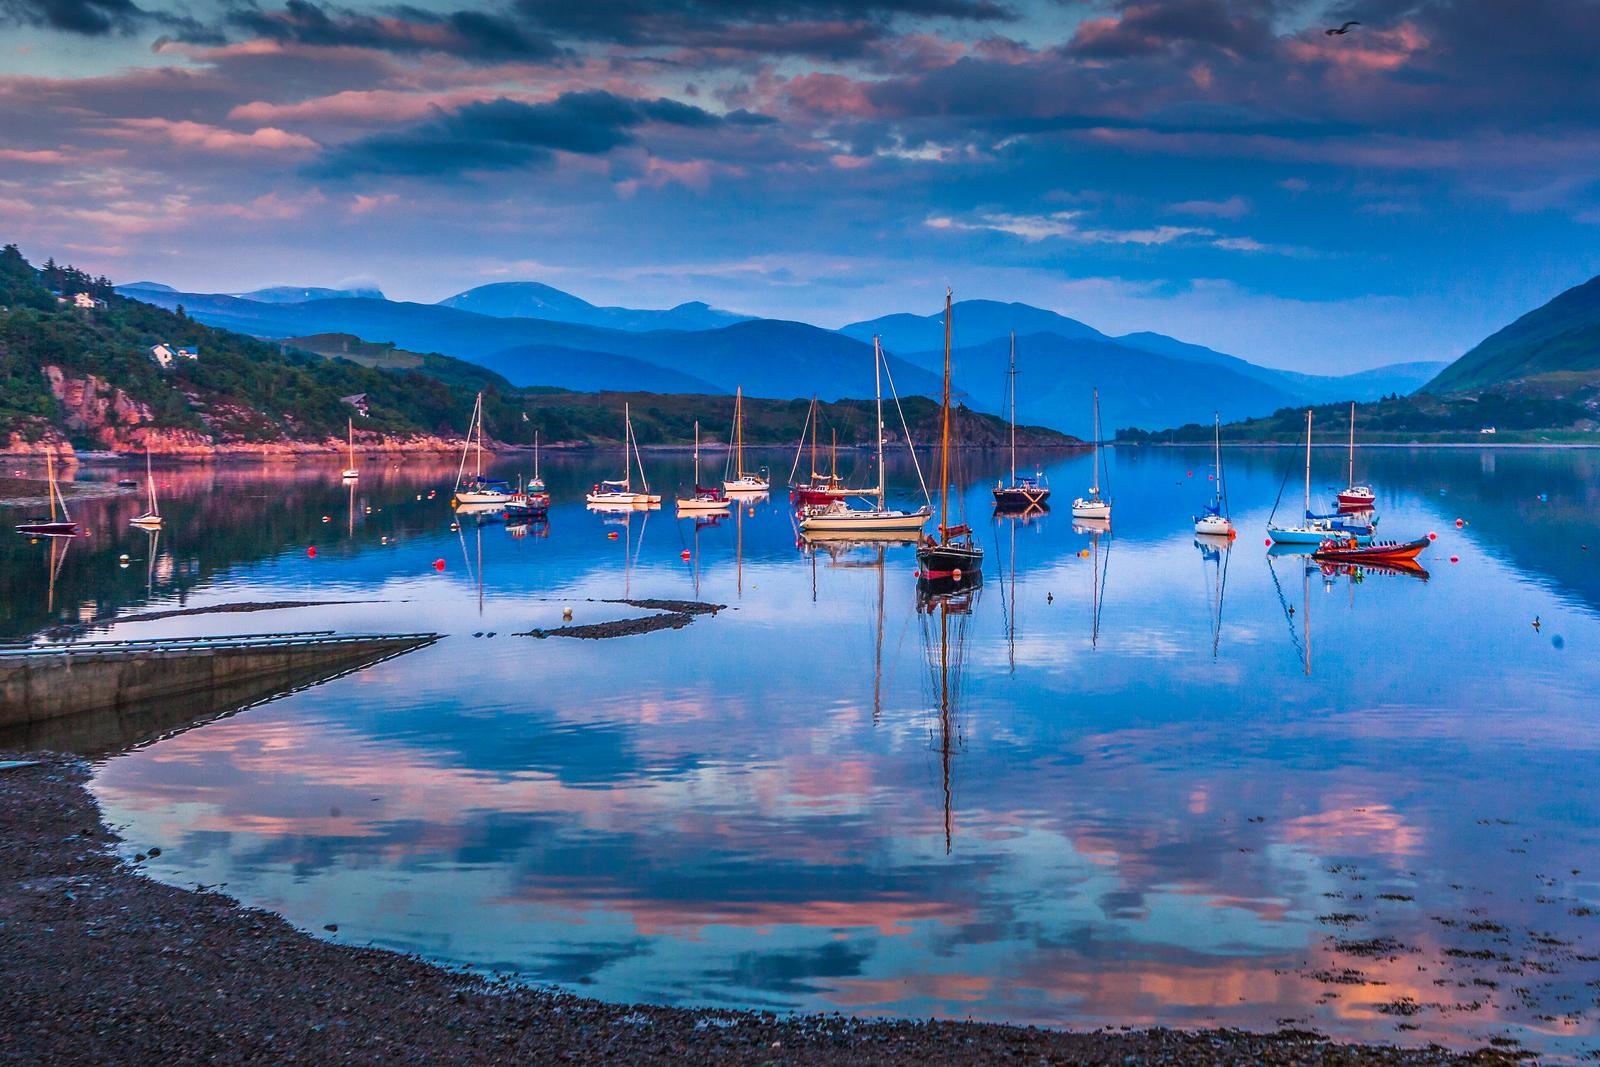 苏格兰阿勒浦(Ullapool),湖中倒影